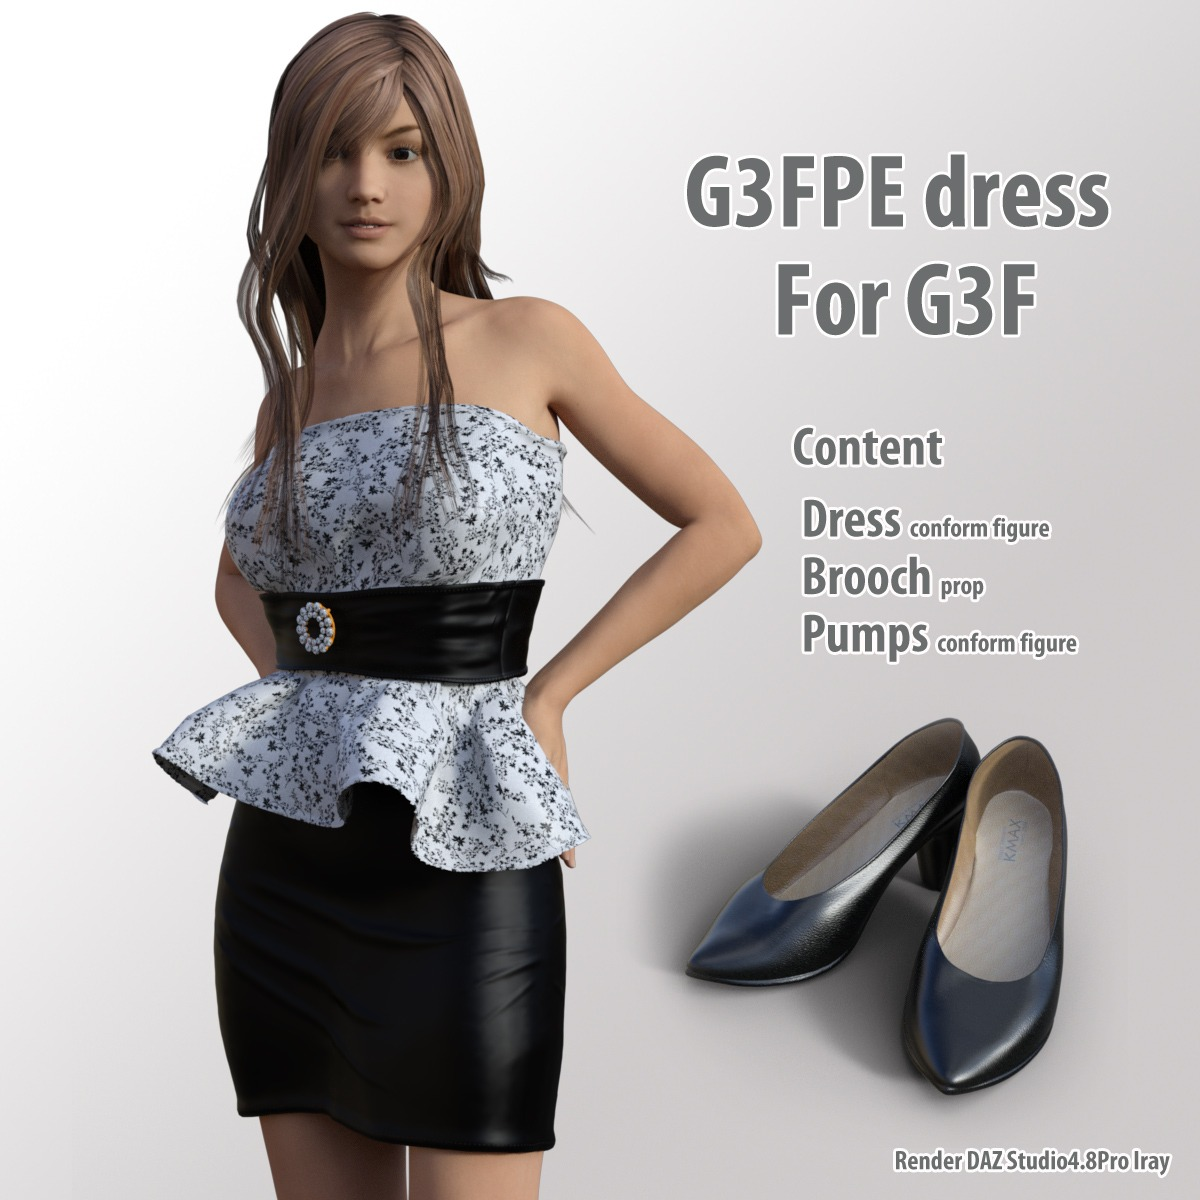 G3FPEdress for G3F_DAZ3D下载站